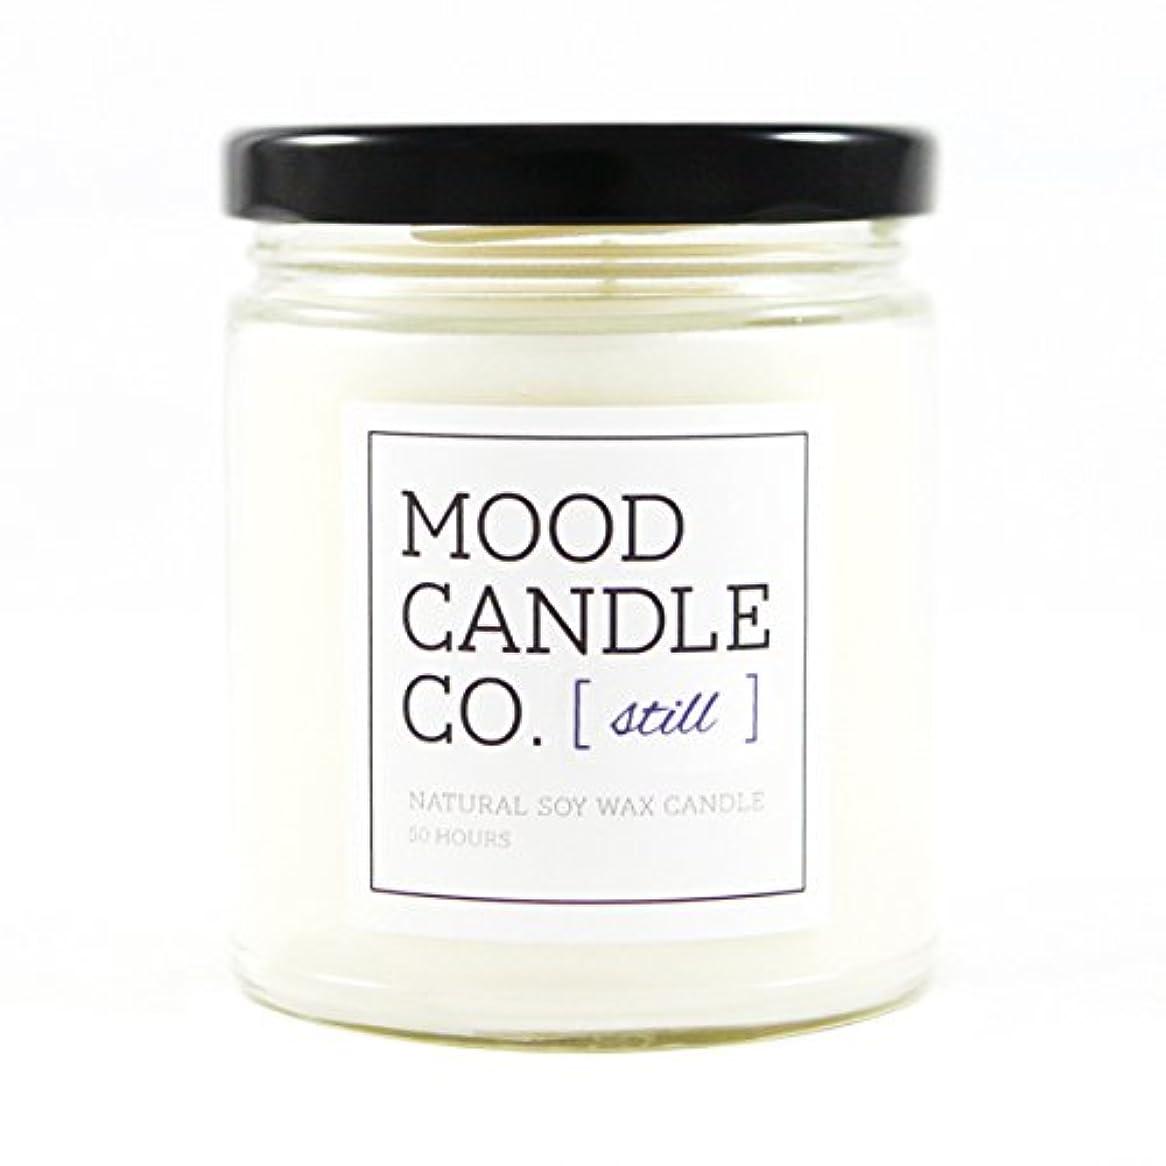 シミュレートする突撃特定の自然Soy Candle、50時間、Great for Aromatherapy、ヨガ、瞑想、非毒性、by Mood Candle Co。 50 HOURS ホワイト